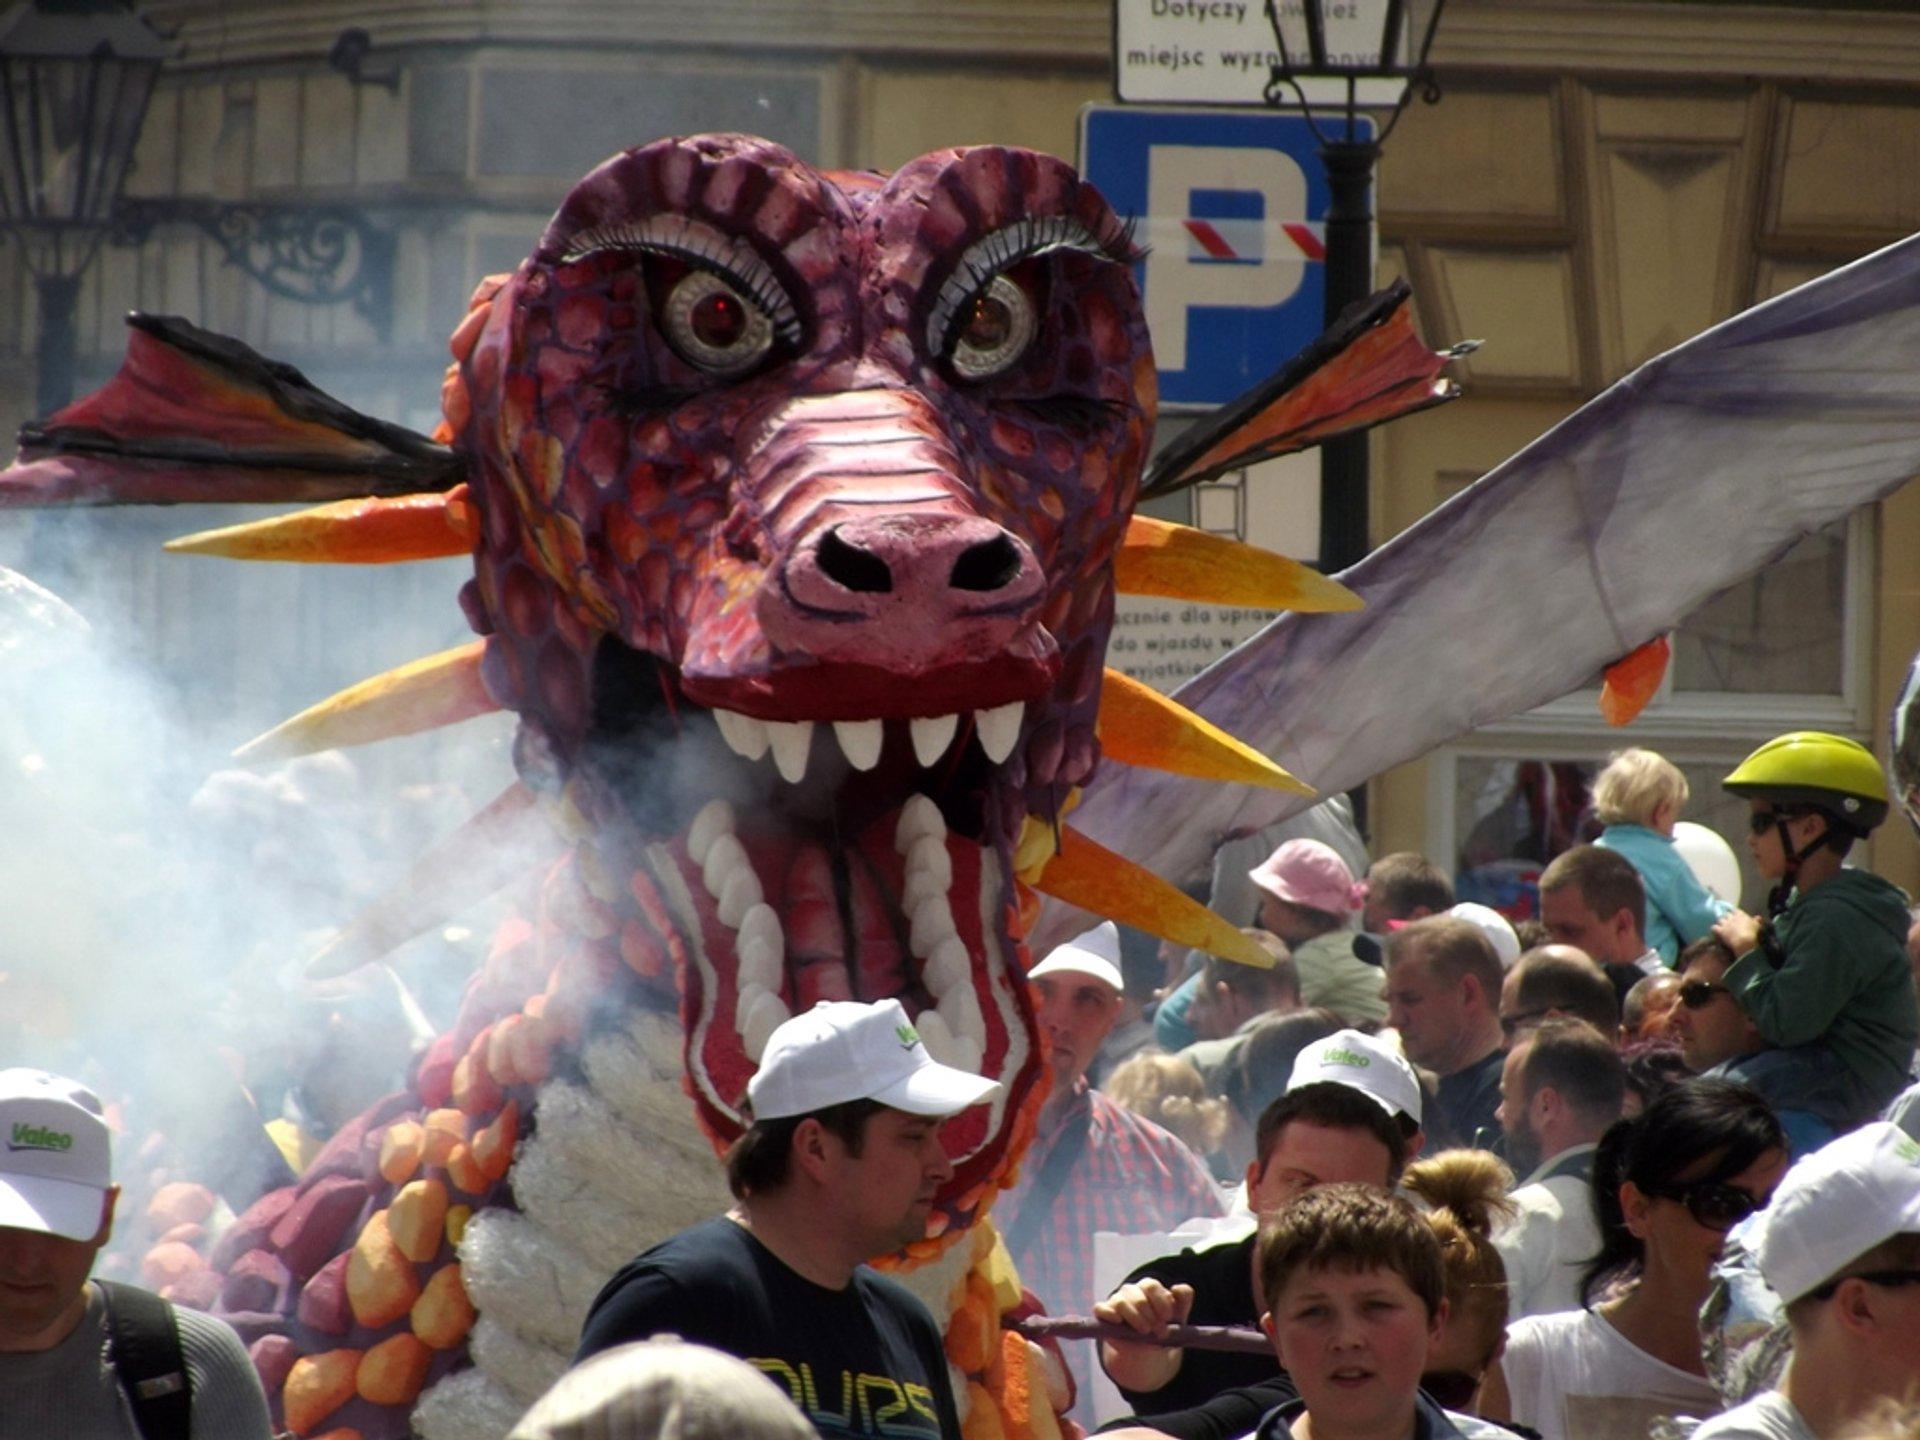 Great Dragon Parade in Krakow - Best Season 2020